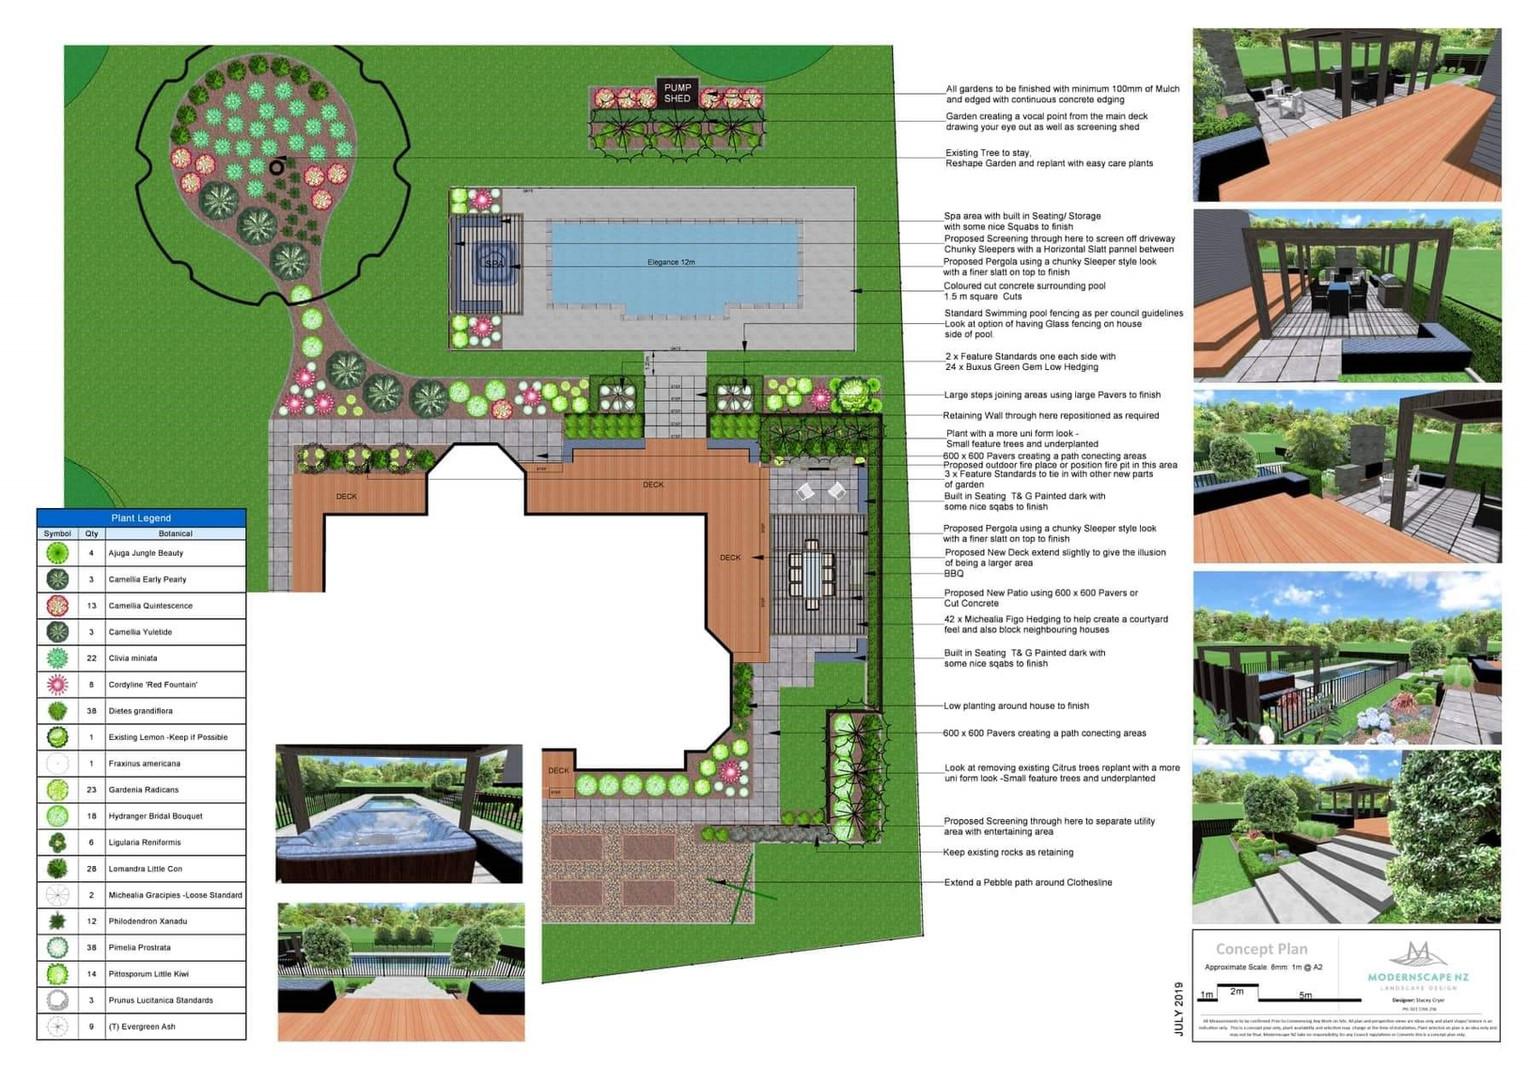 Project plans